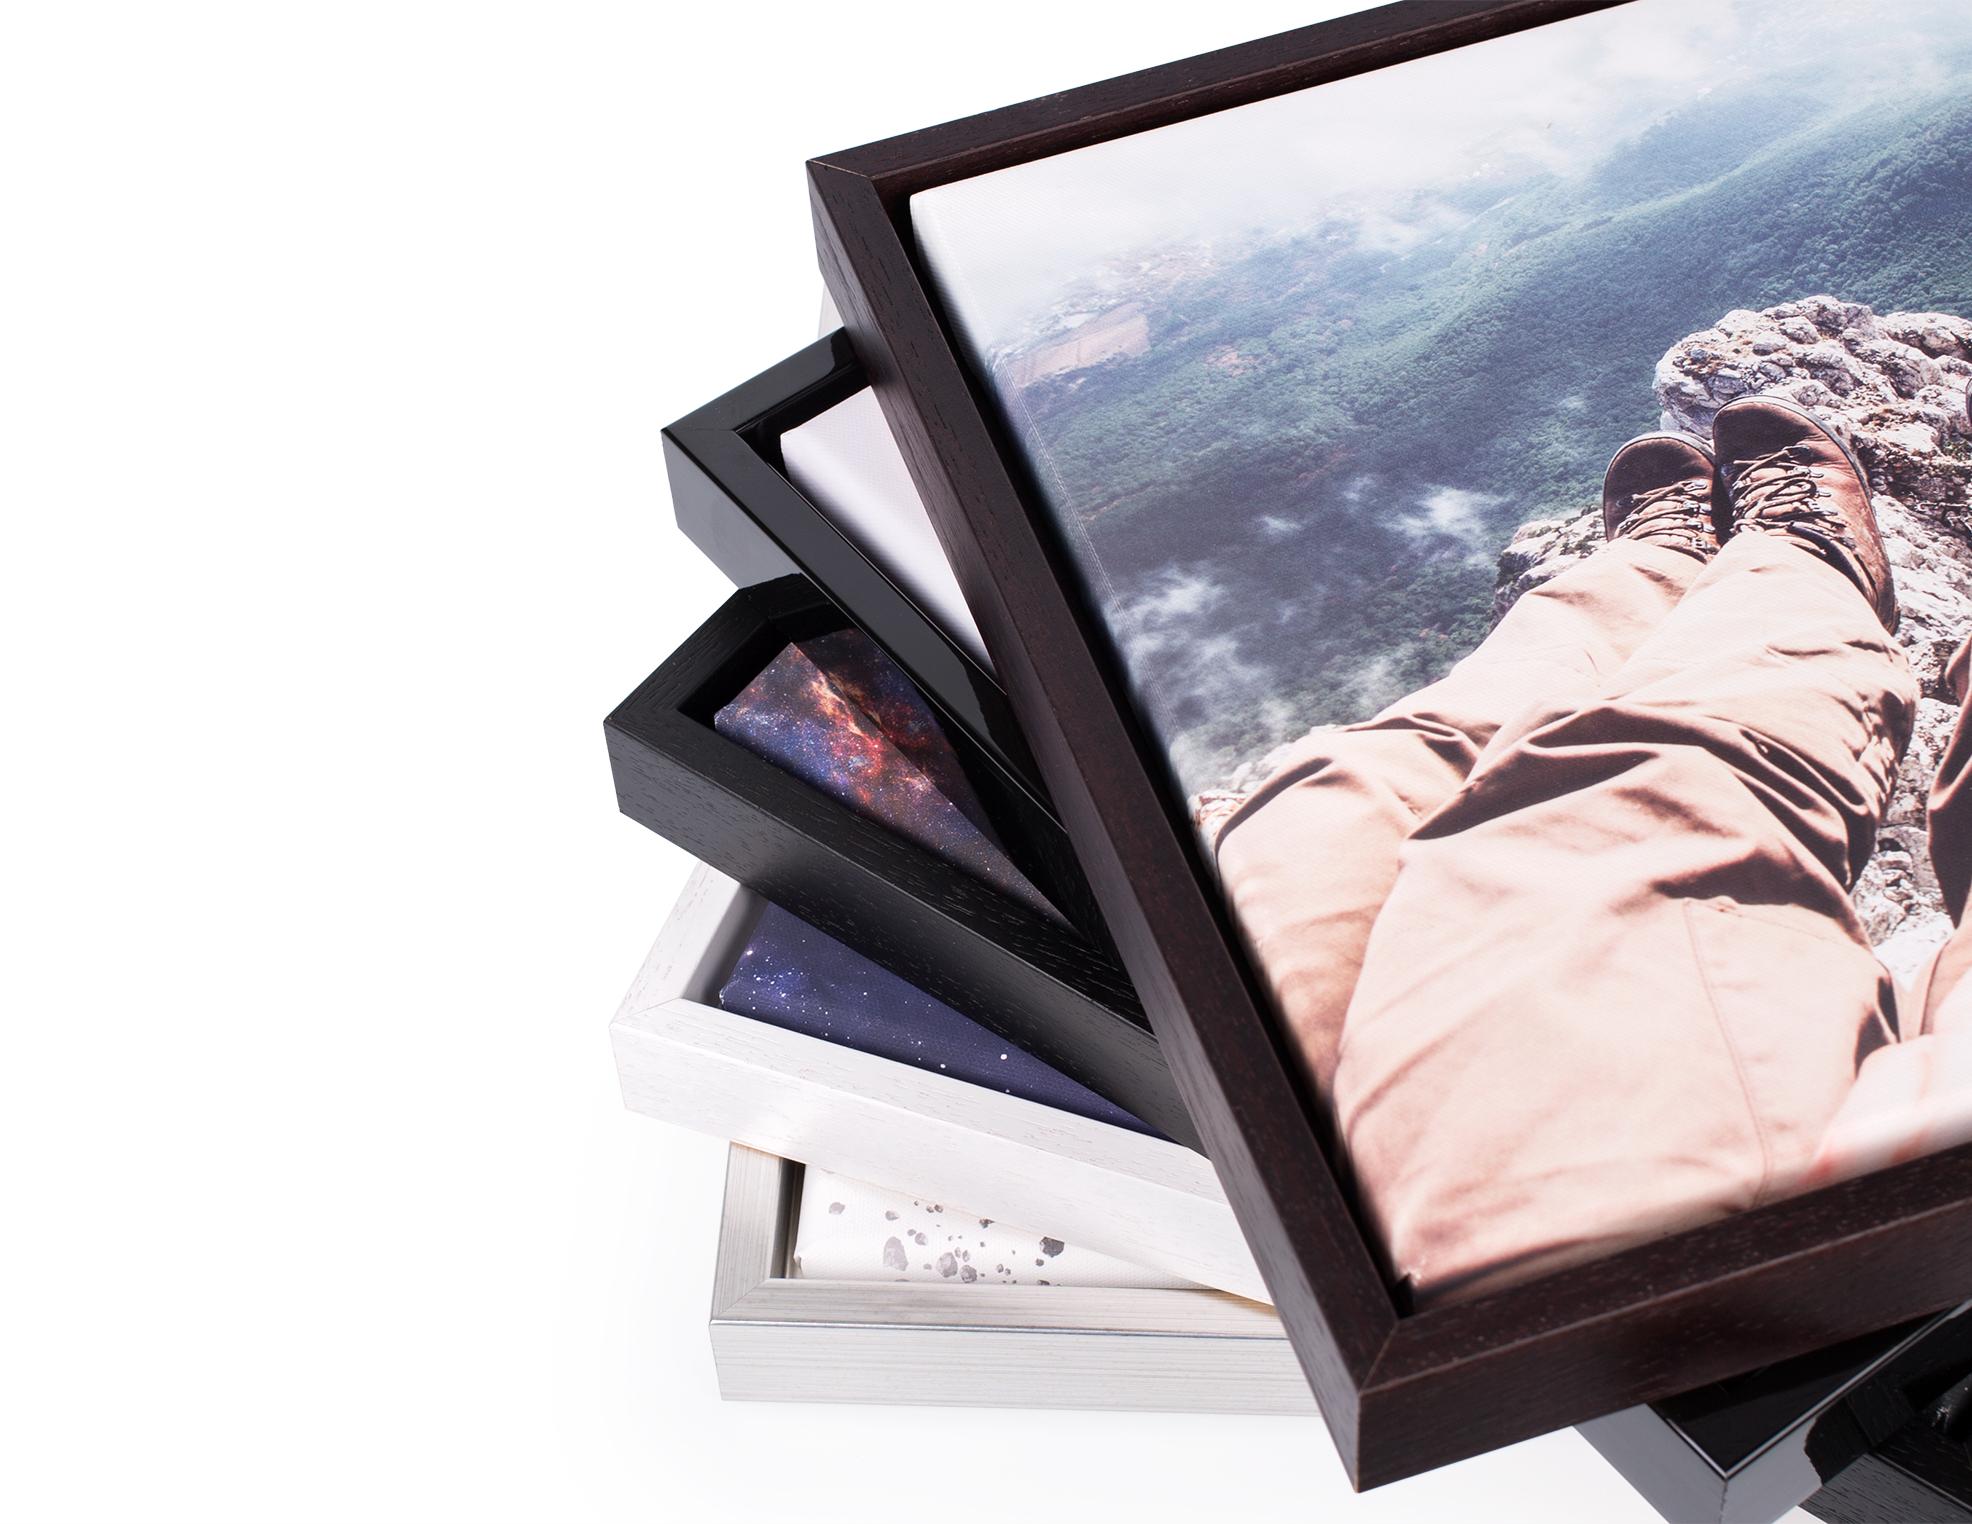 Фотография на холсте: цена на печать фотохолстов Премиум в NetPrint